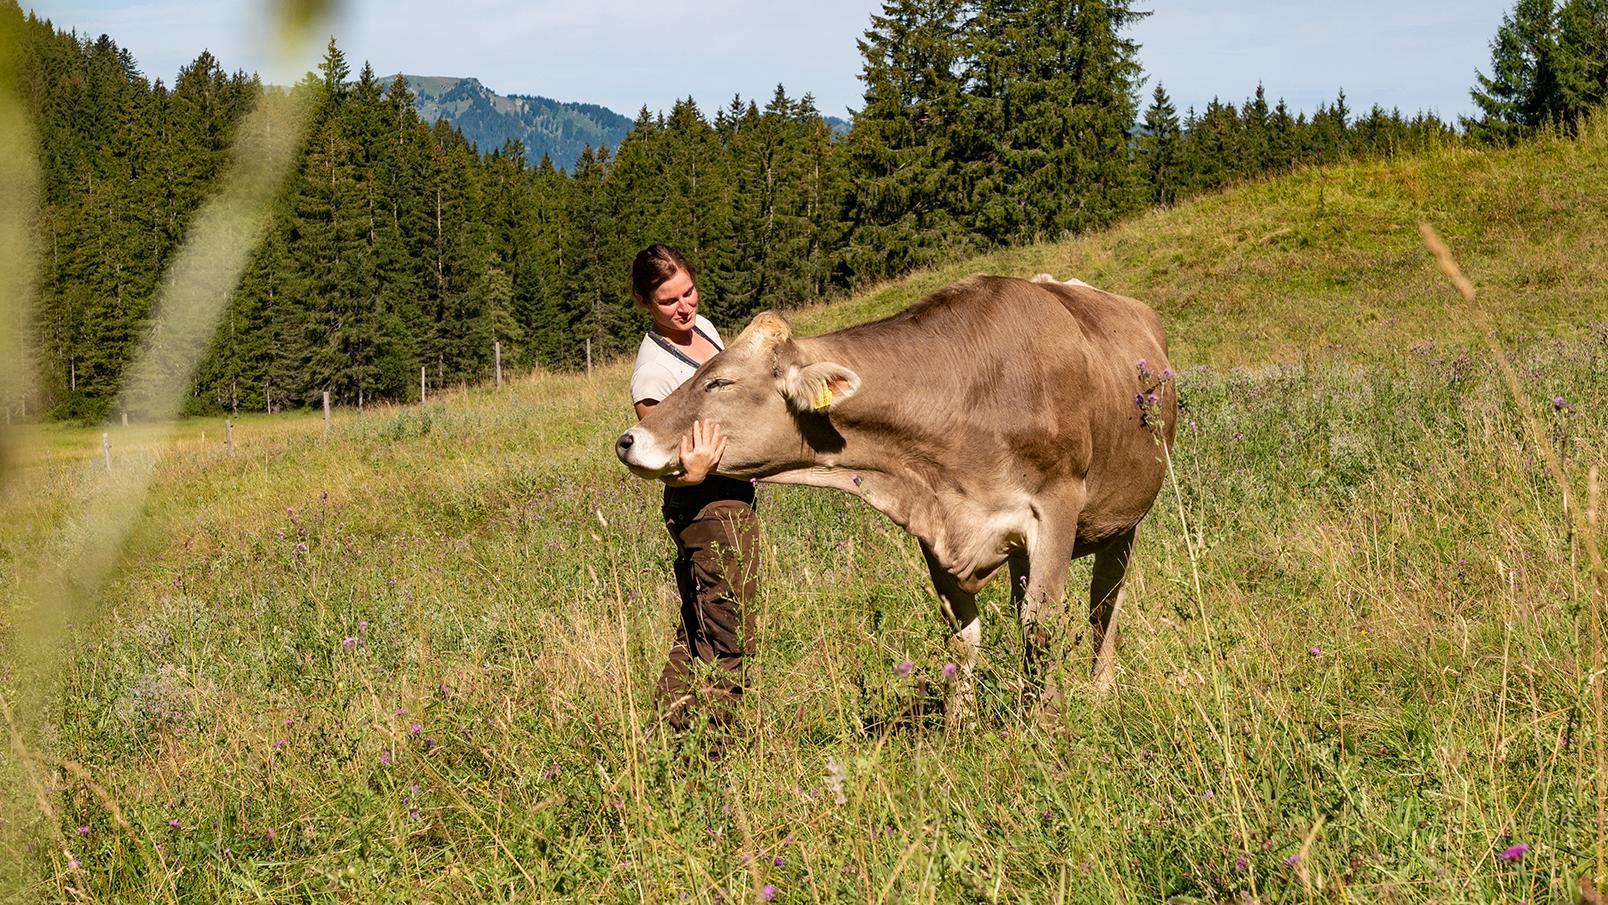 Das ist nicht nur für uns, sondern auch für die Tiere pure Entspannung! Somit können wir euch frische Milch anbieten. Lecker! Bei schlechtem Wetter wird die Milch unter anderem zu Butter, Buttermilch und Quark verarbeitet.